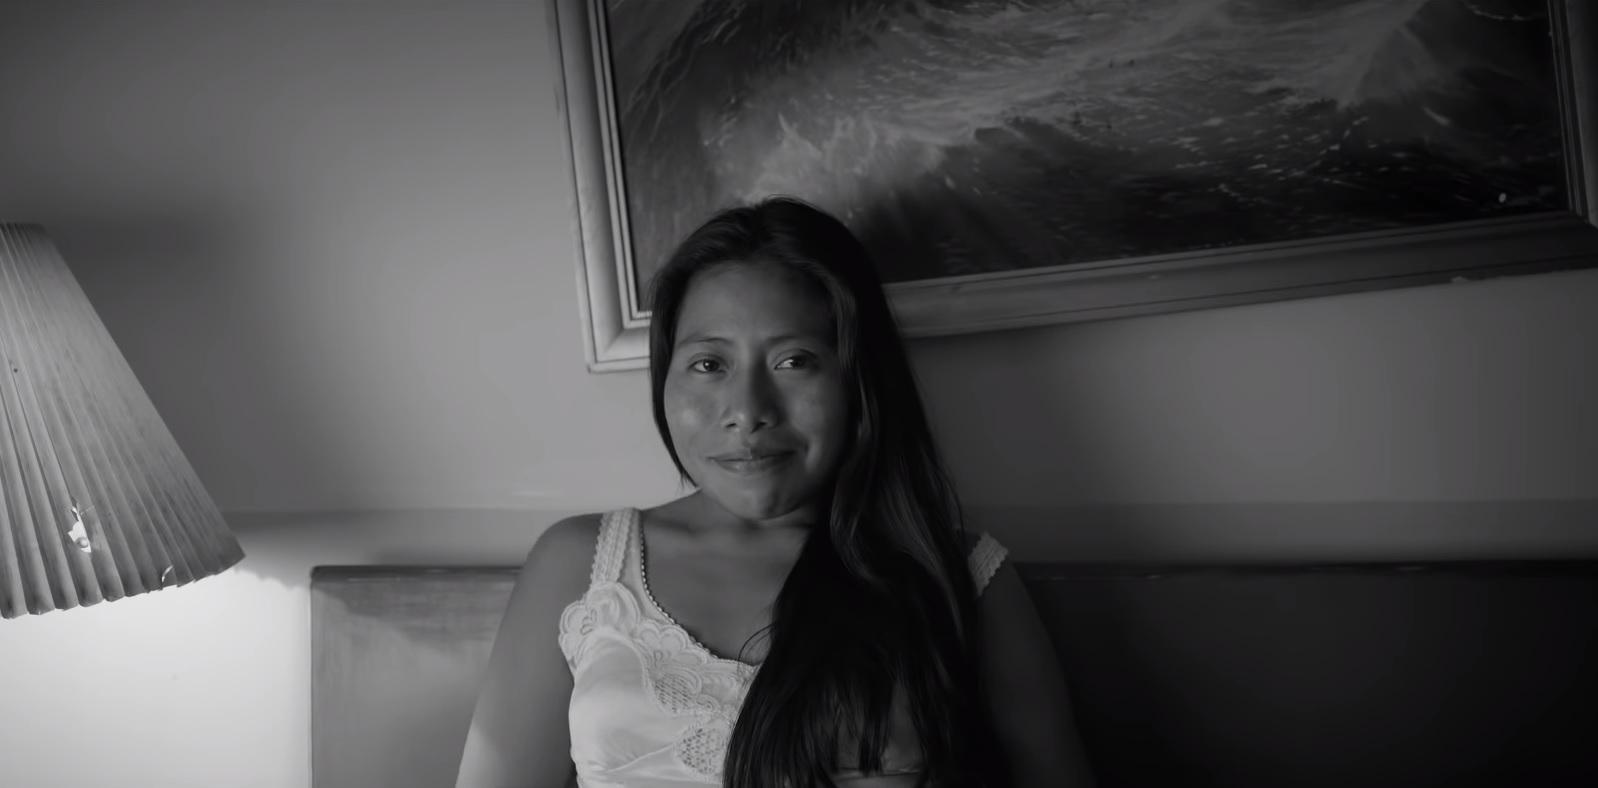 Roma narra la historia de una mujer indígena que trabaja en las labores domésticas para una familia de clase media en la década de 1970. (Foto Prensa Libre: YouTube)